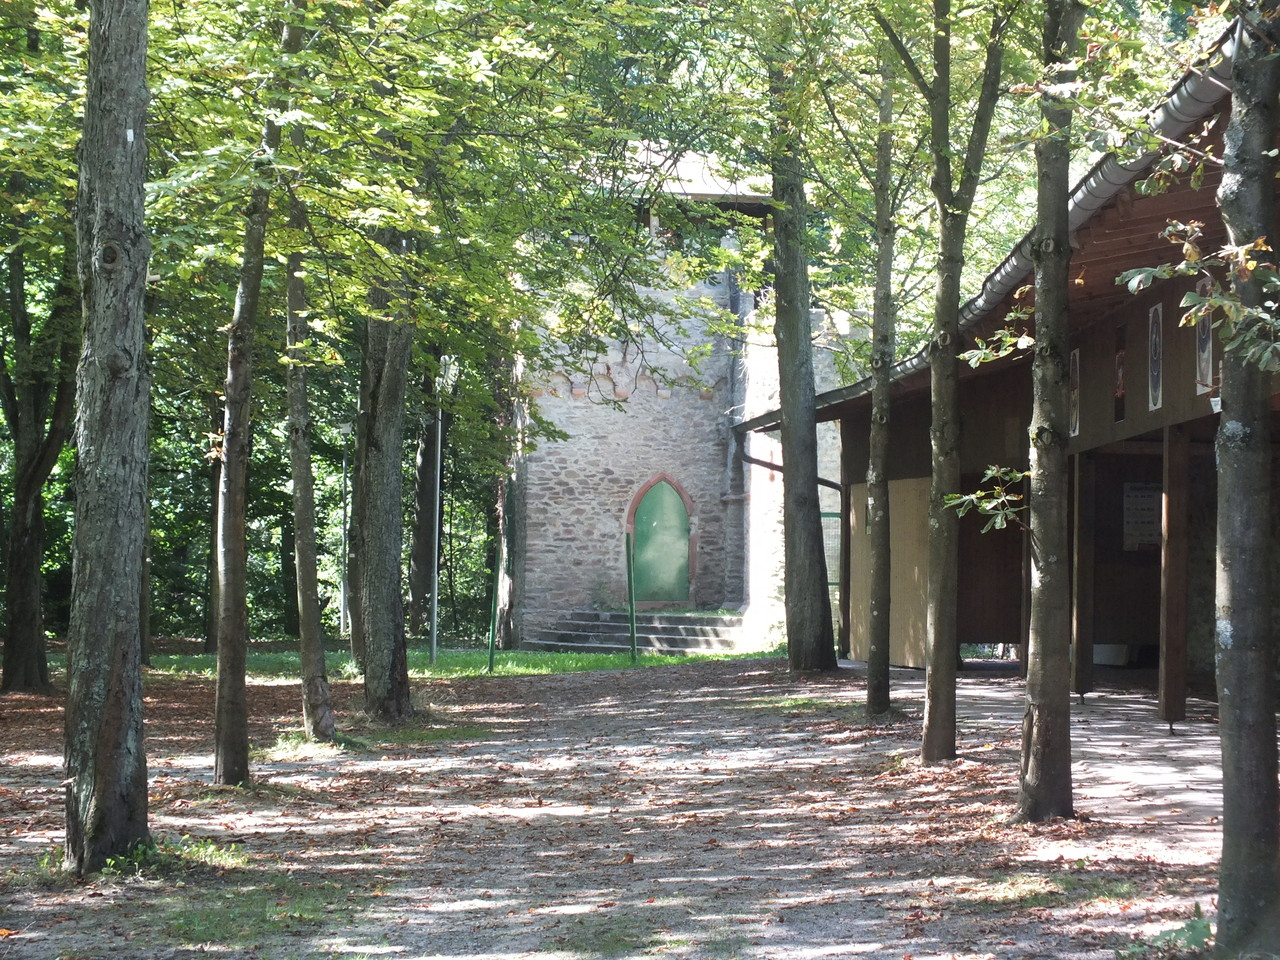 Fasanerie & Lufthof - 09.09.12